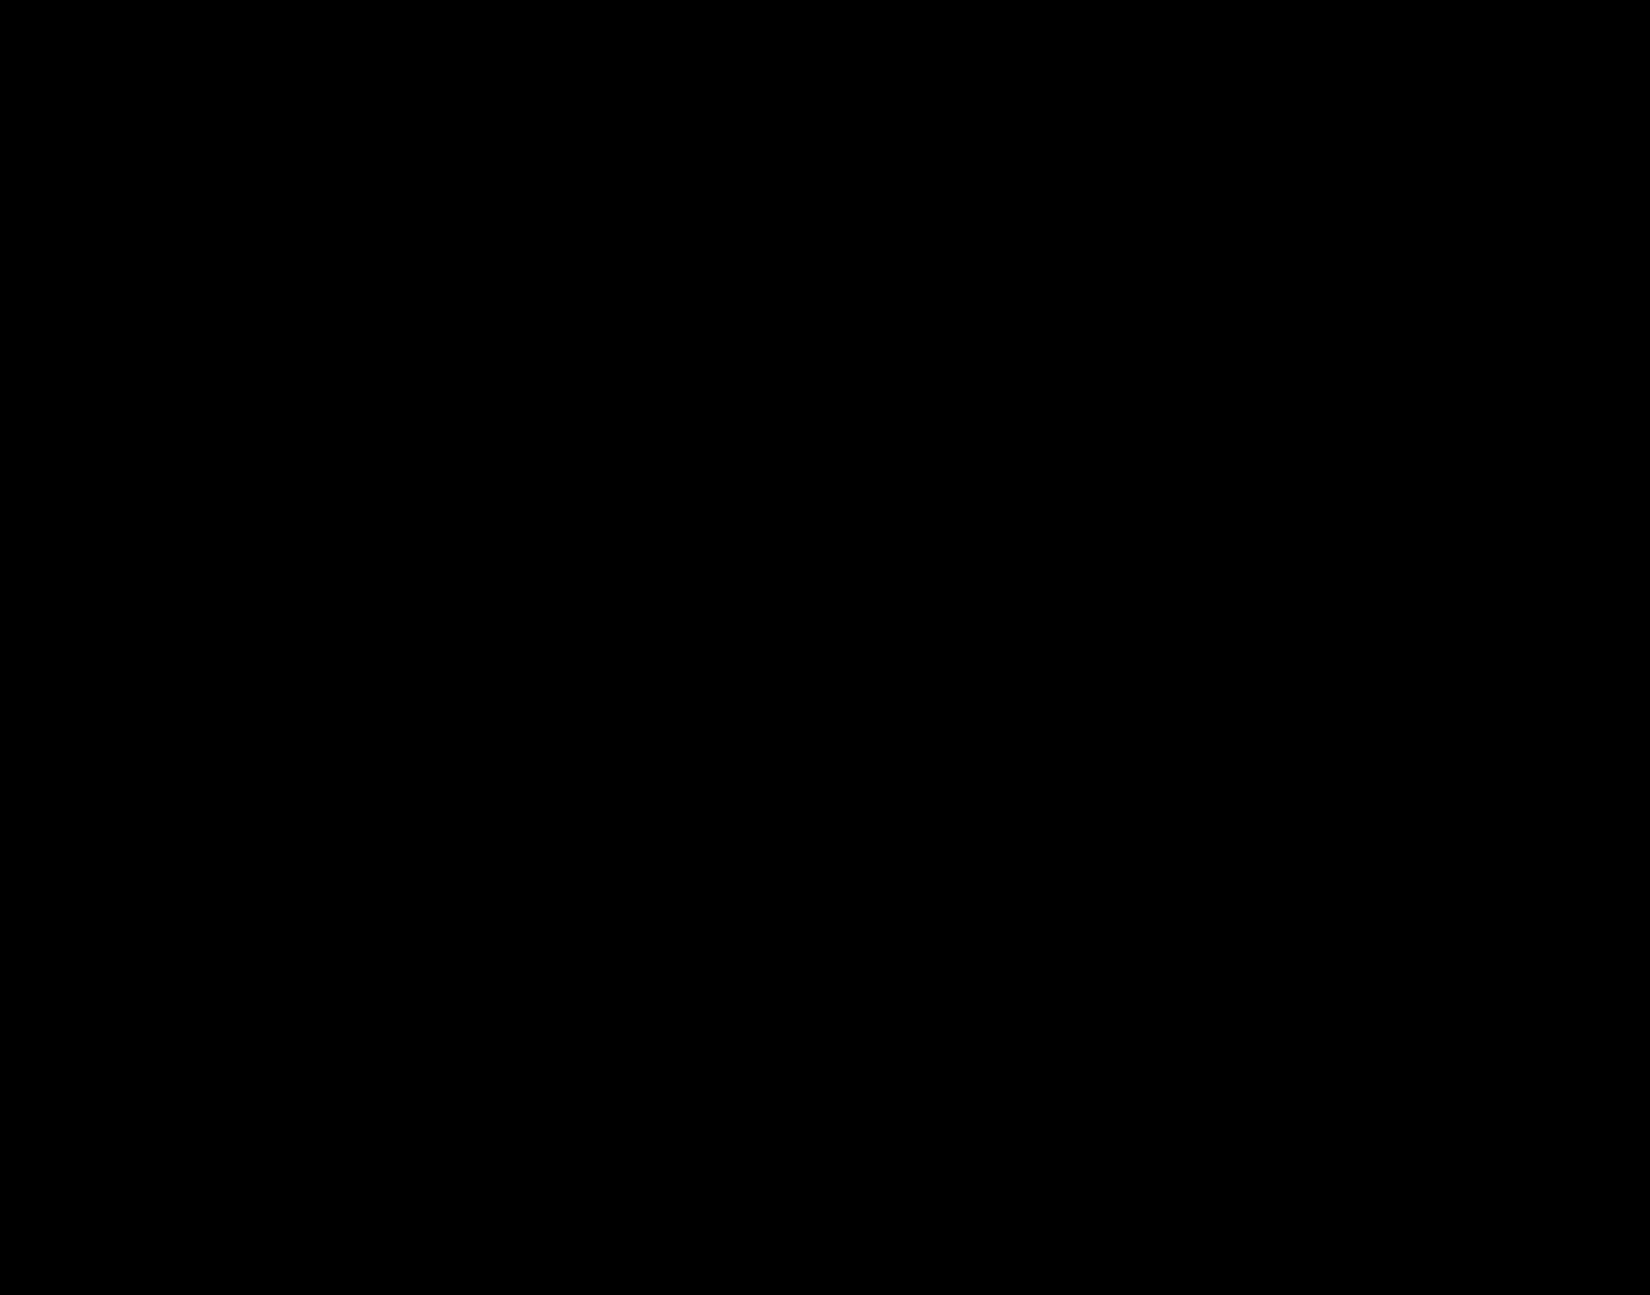 Sofosbuvir-d<sub>5</sub>